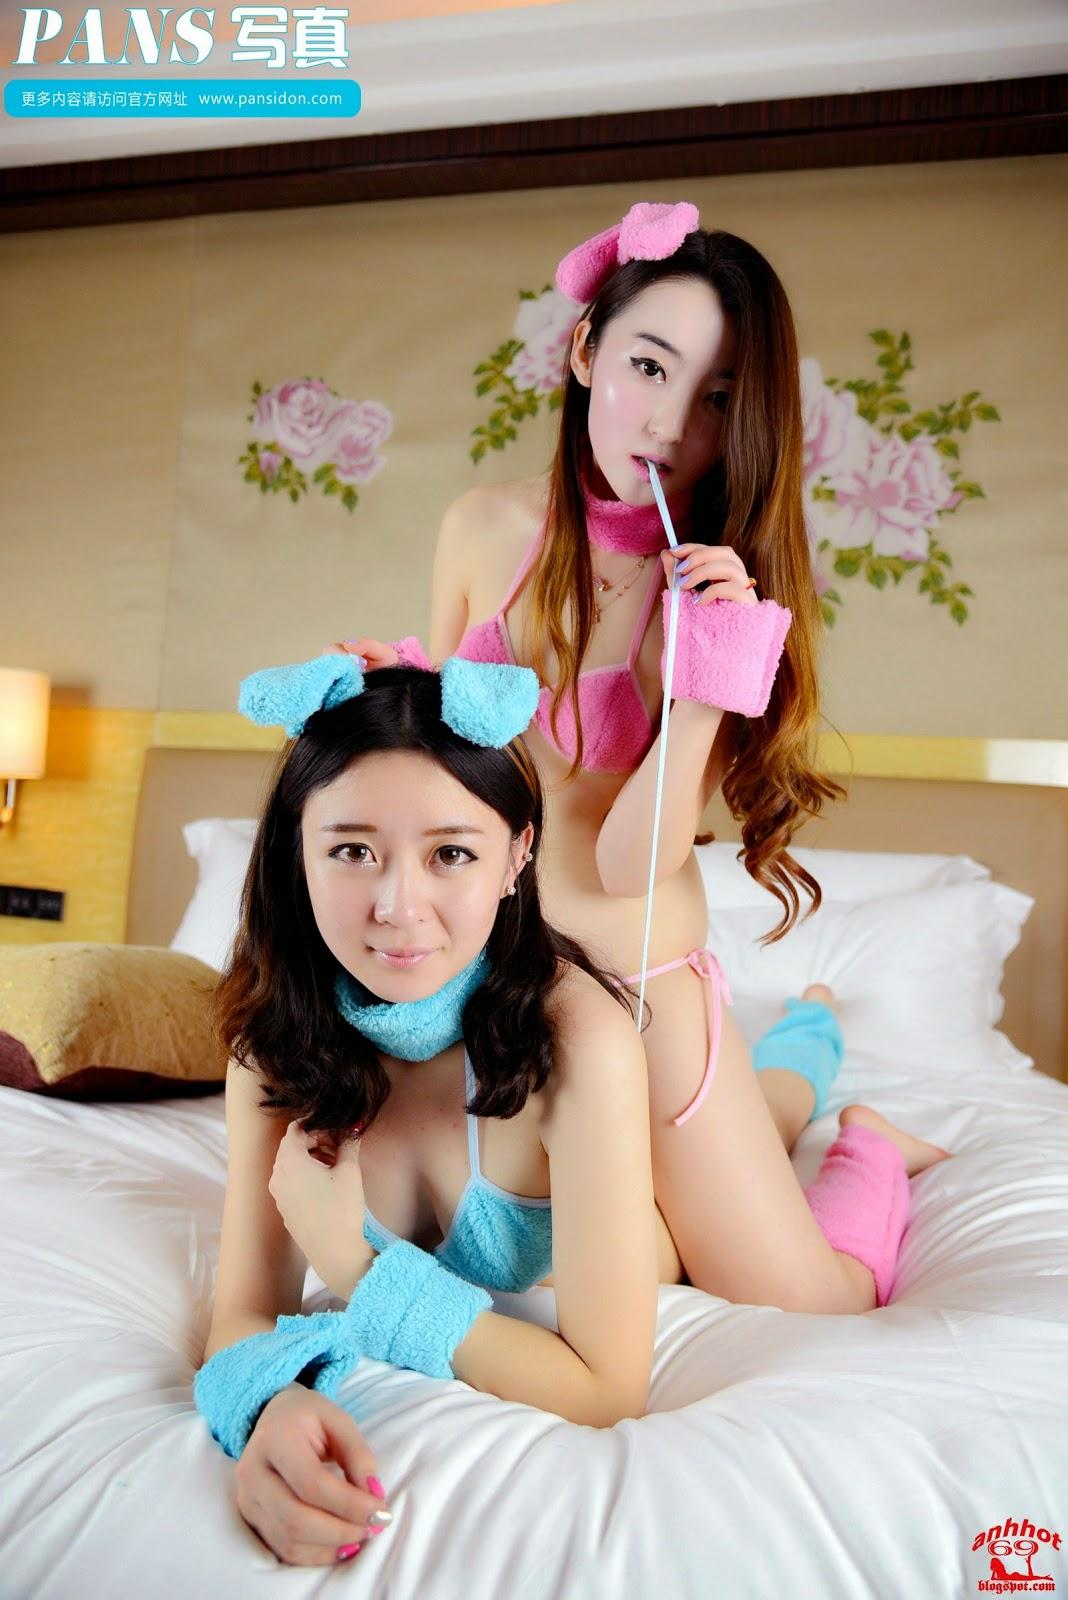 zi_xuan-pansidon-02678665